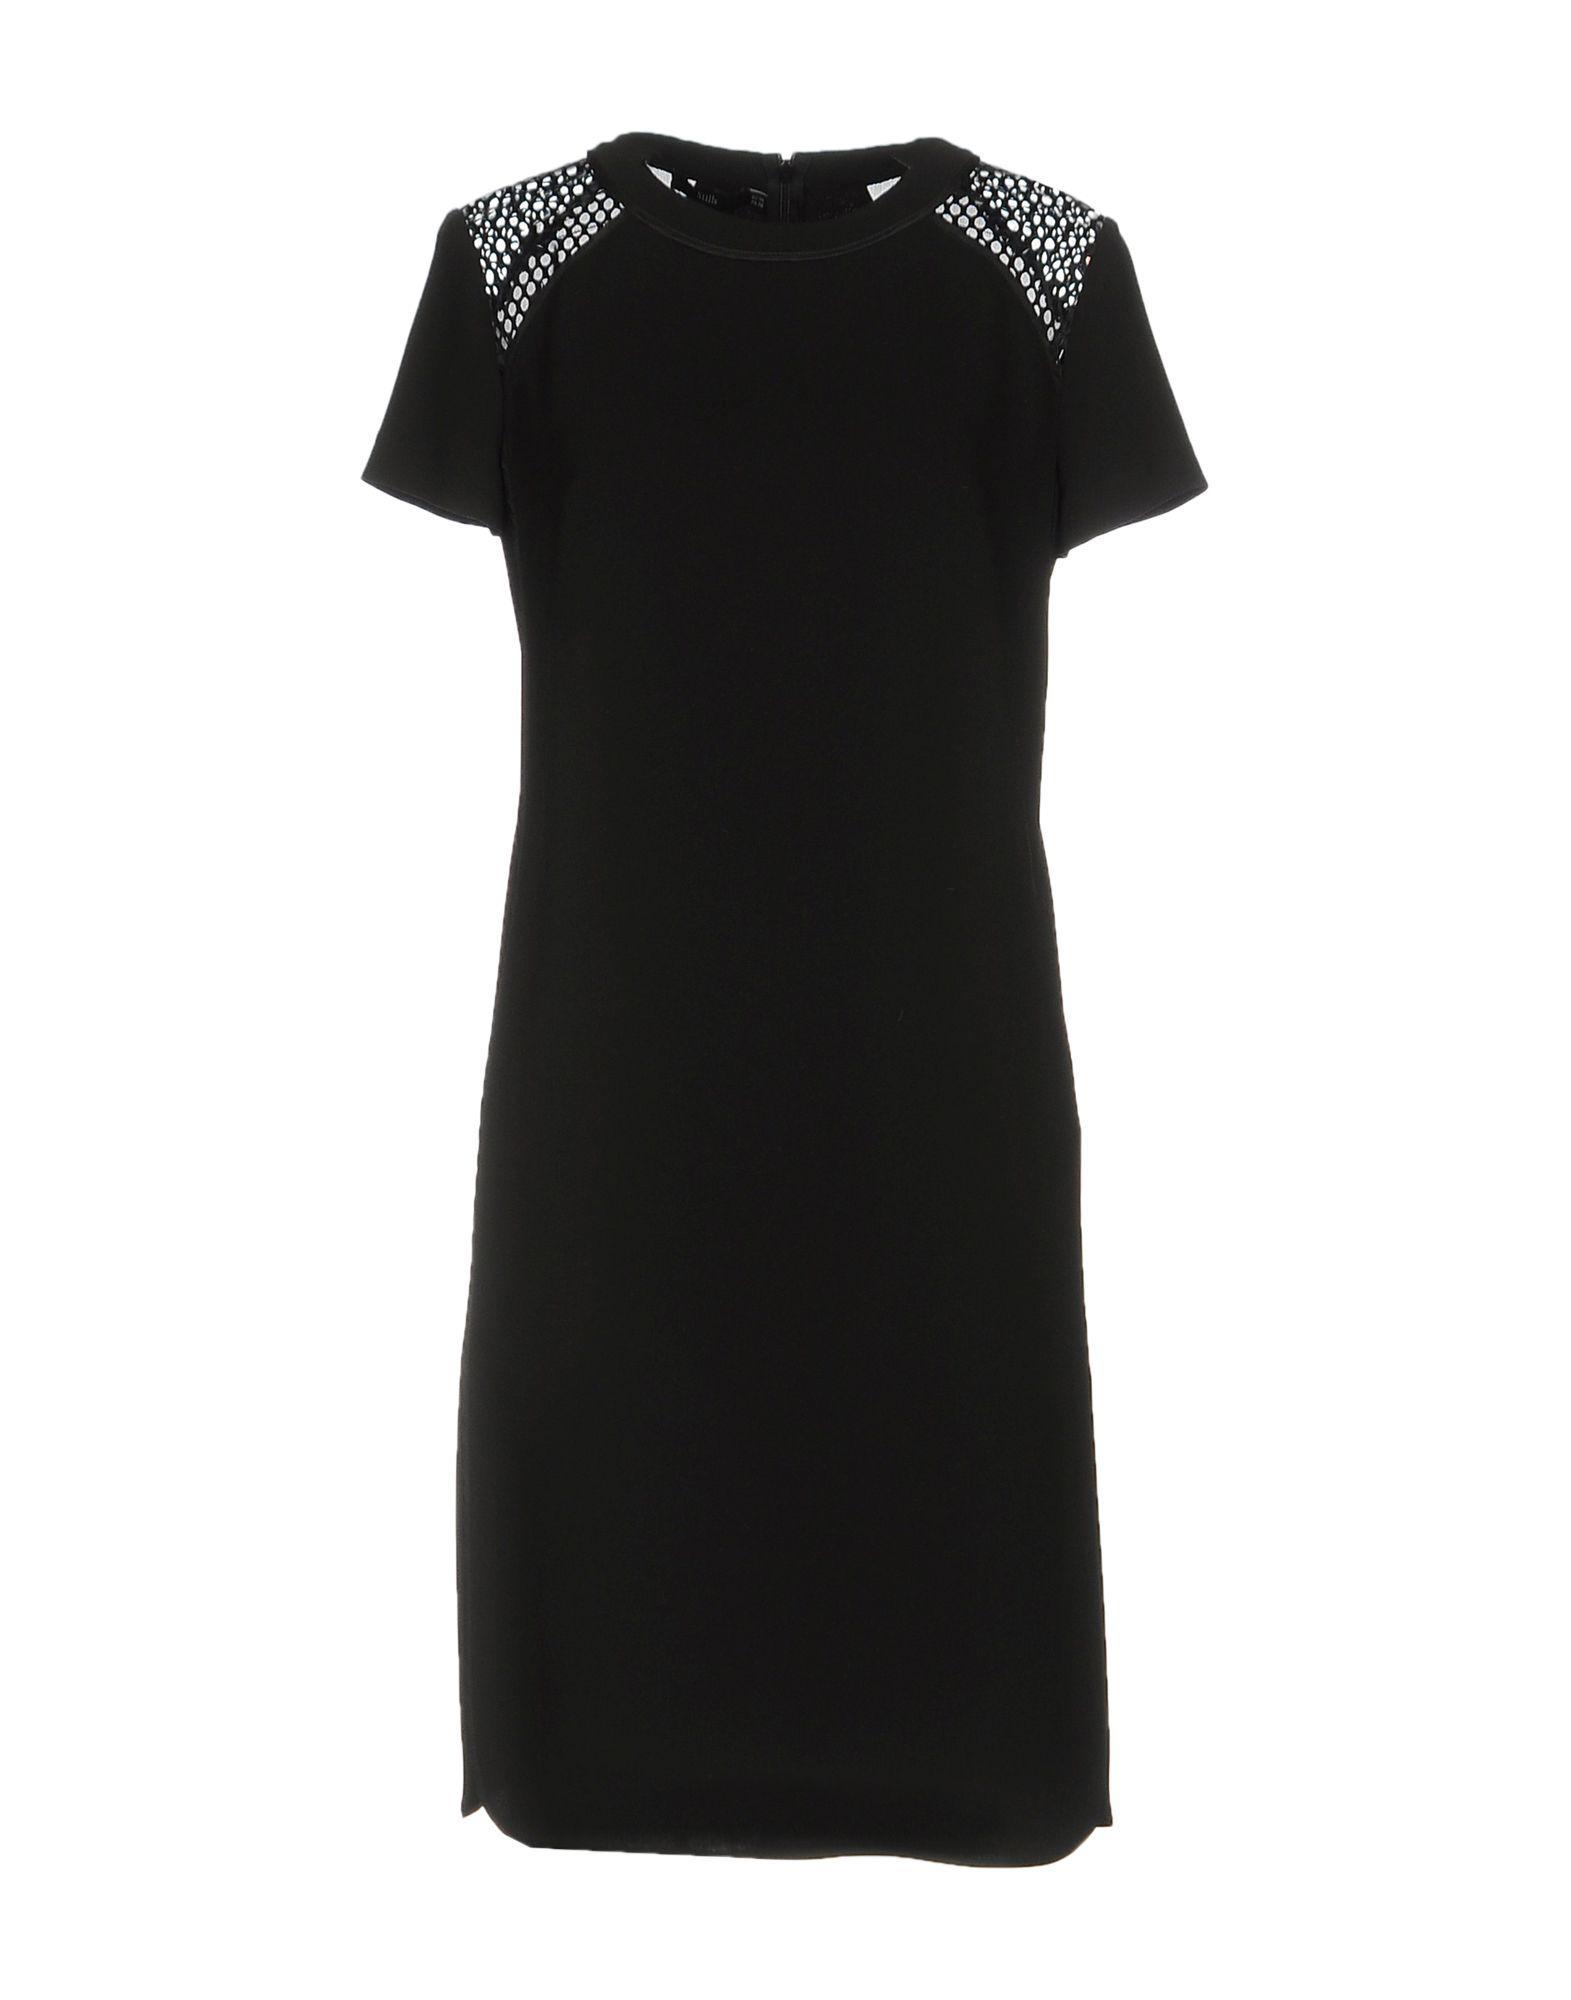 STILLS Short Dress in Black